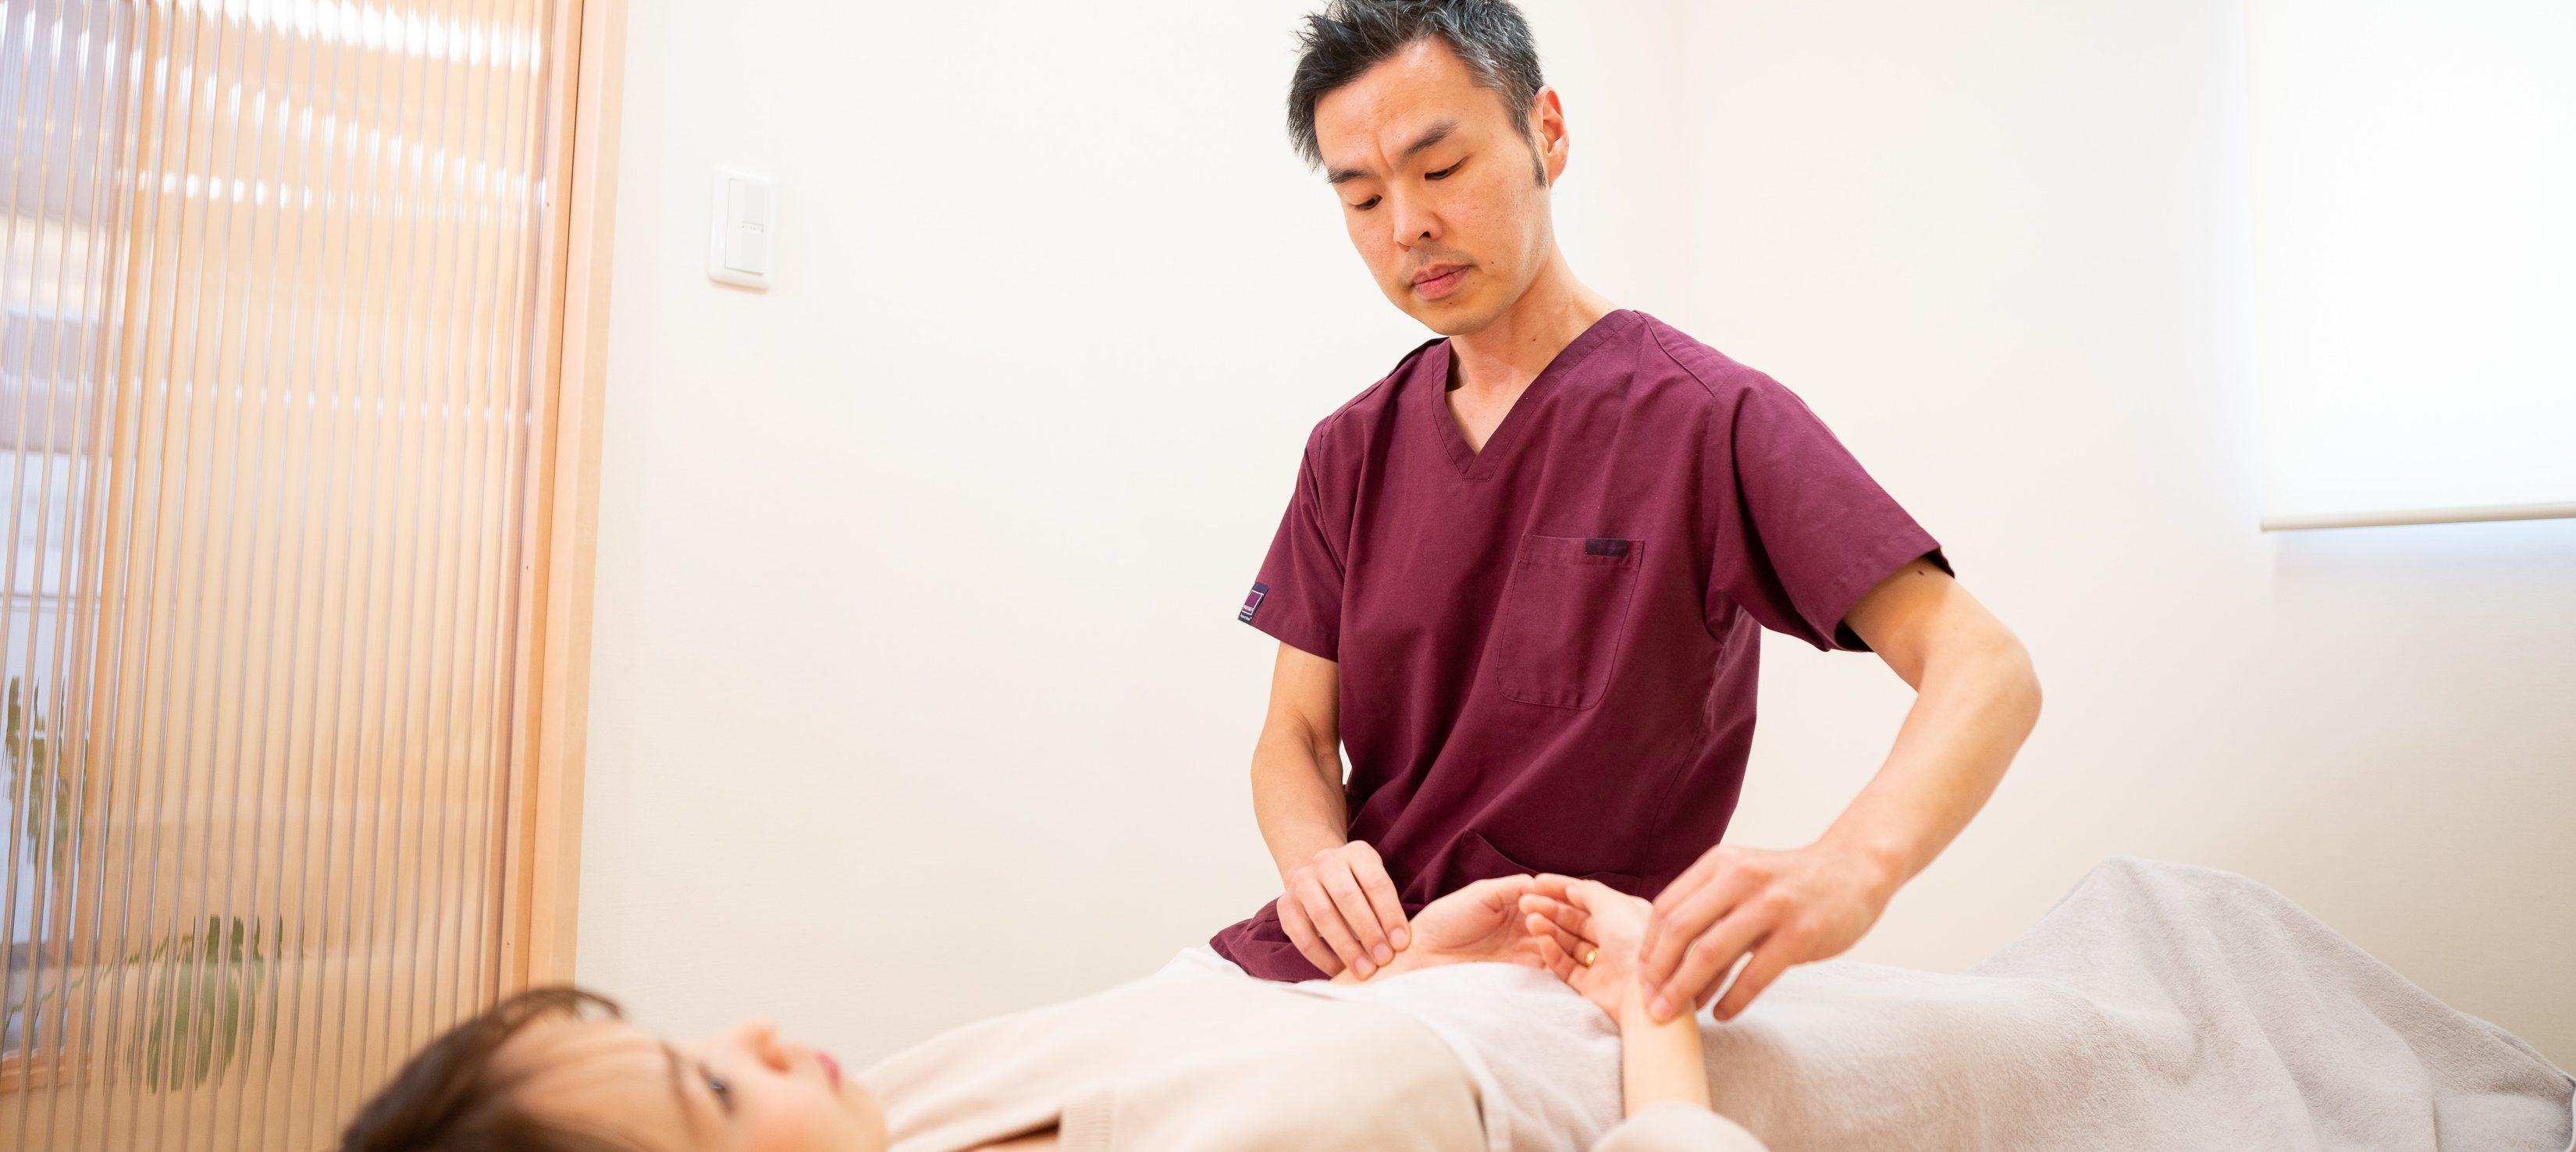 不妊鍼灸施術|仙台市若林区おきの鍼灸整骨院